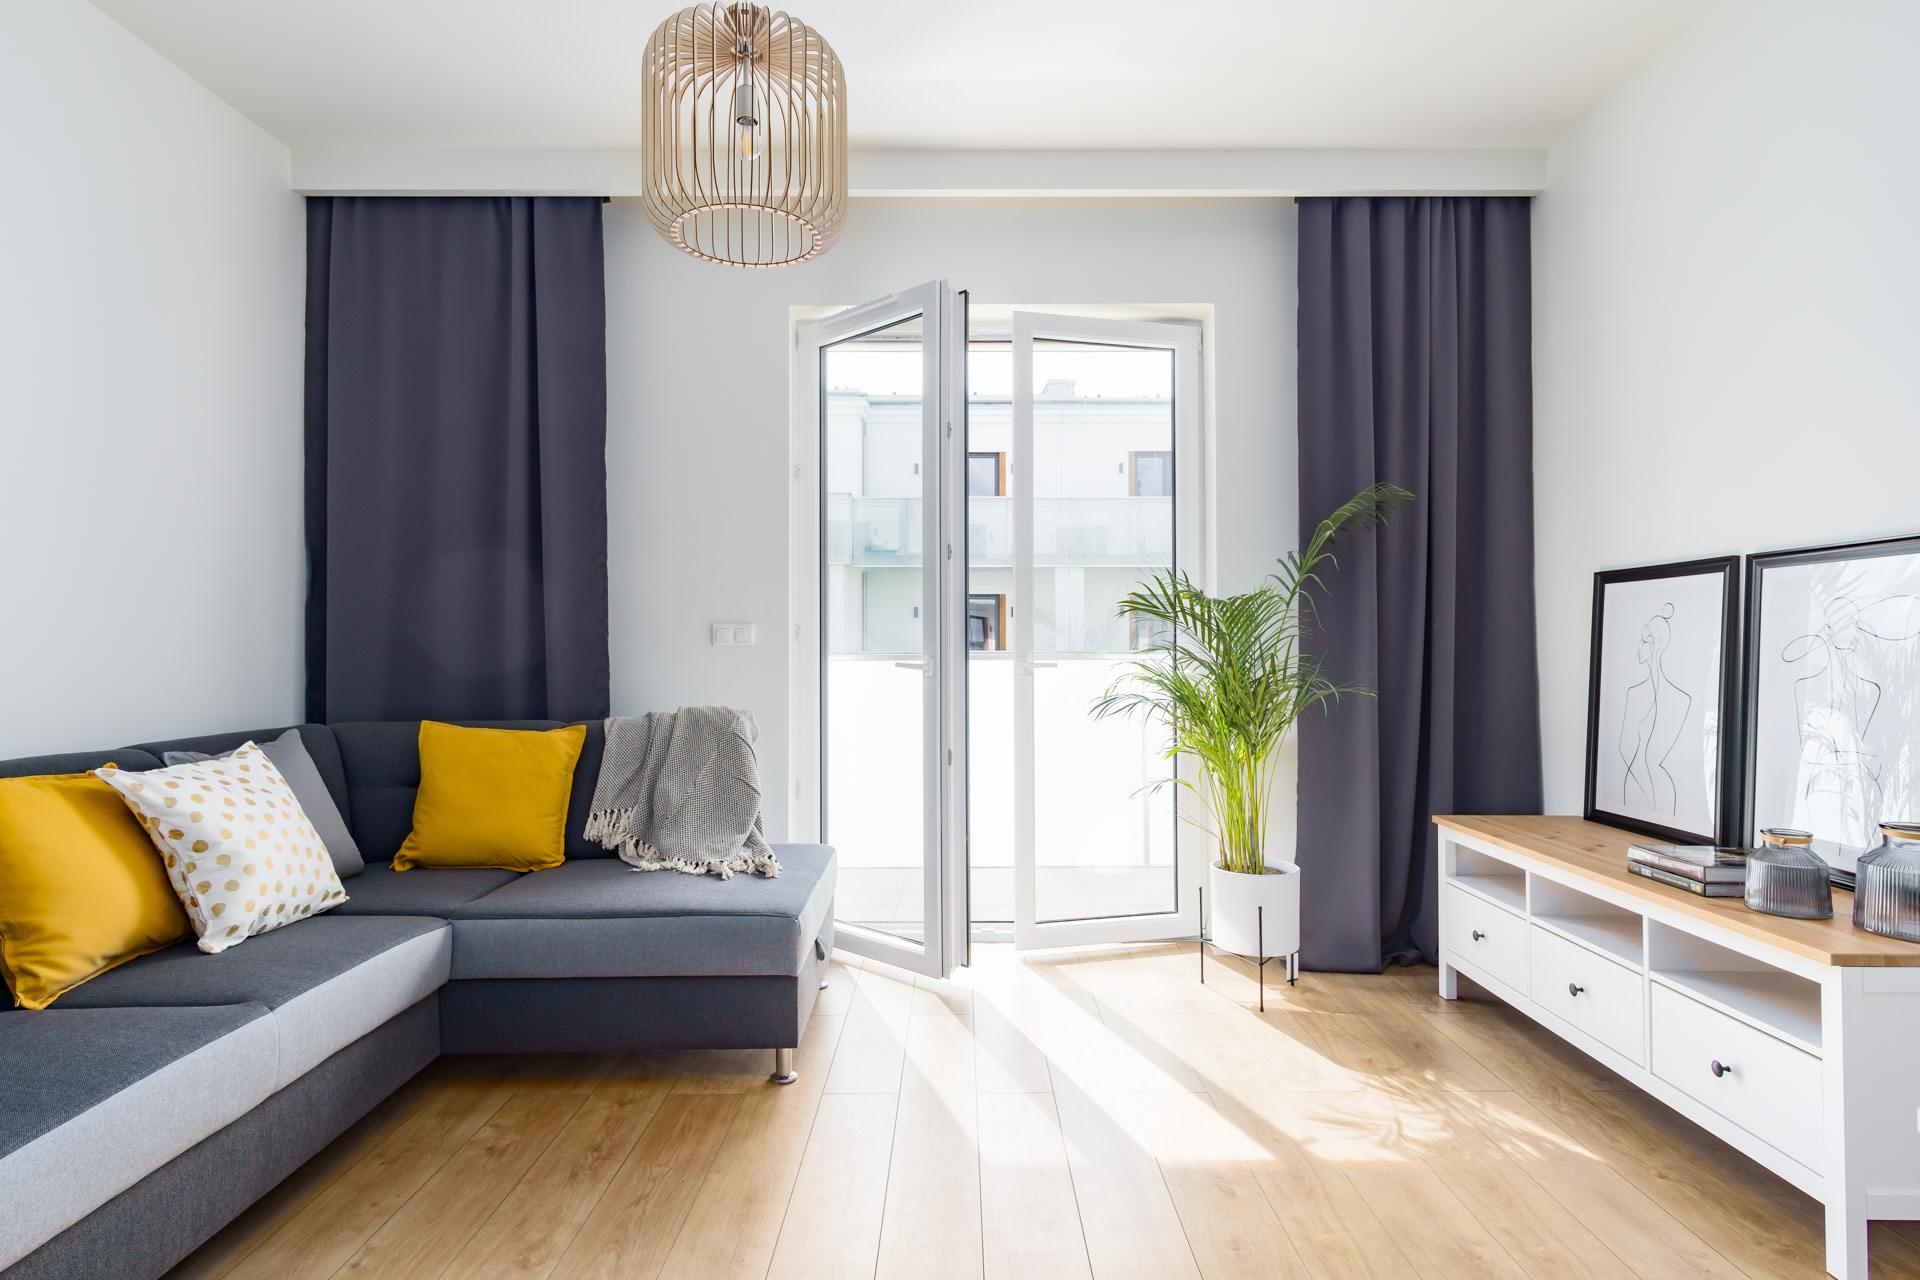 projekt-mieszkanie-sprzedaz-3-pokoje (8)